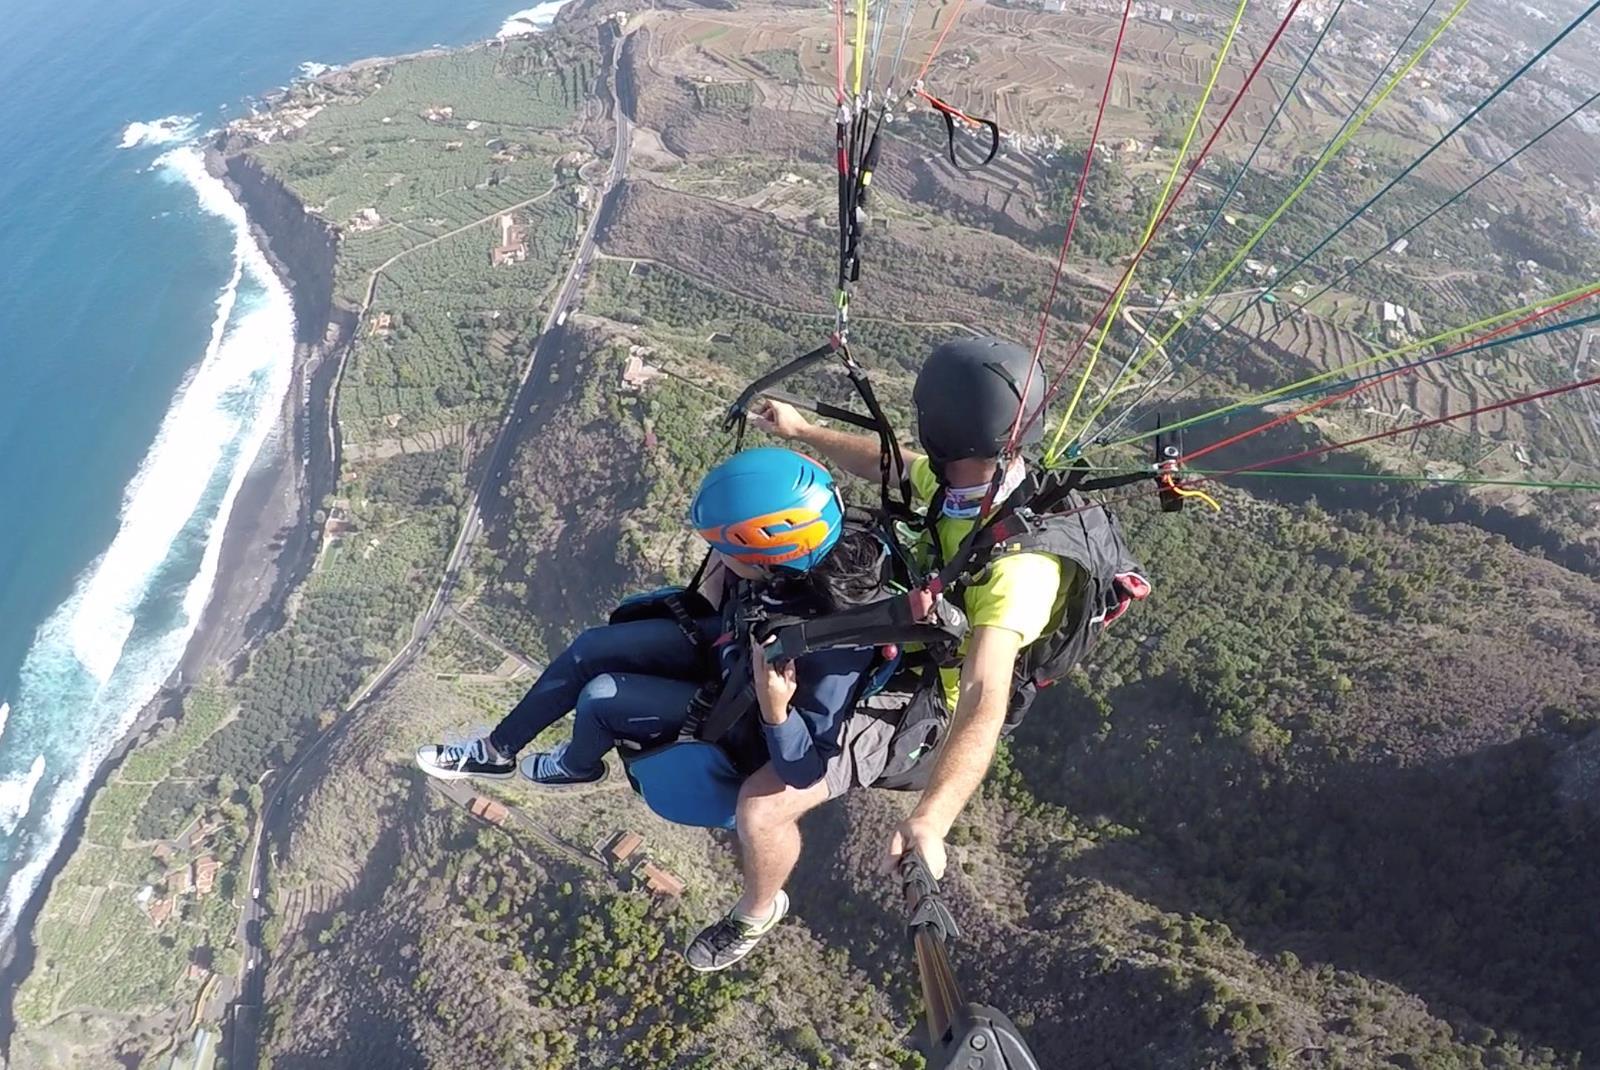 Paragliding-Tandem-Flight-in-Adeje-4